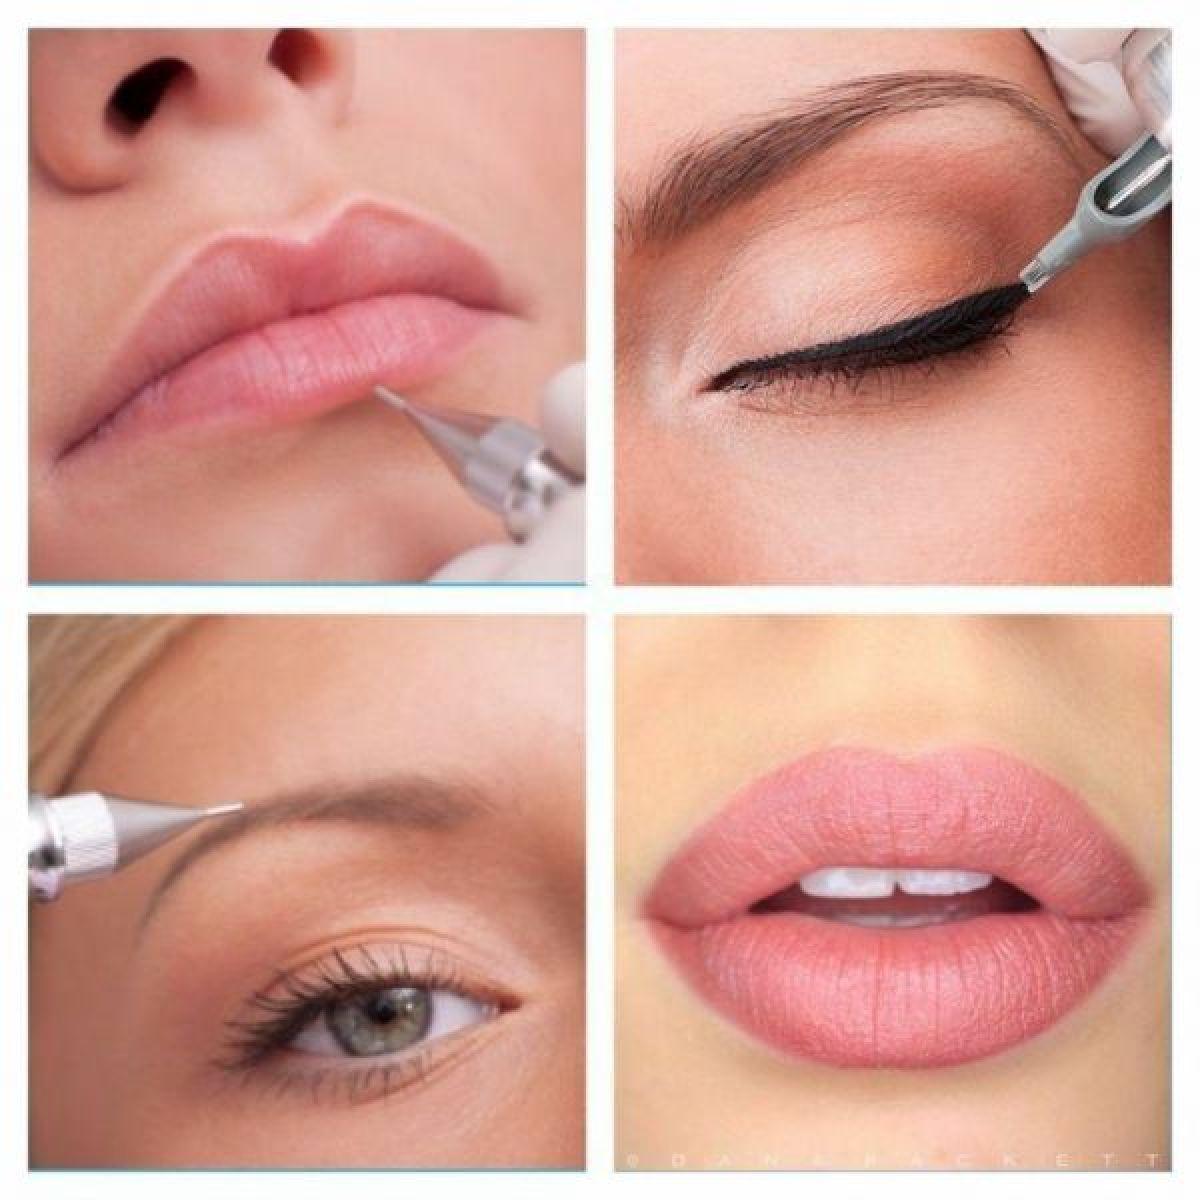 Maquillage permanent (Candy lips lèvres, sourcils) à Cannes (06) Par Sara - Estheca